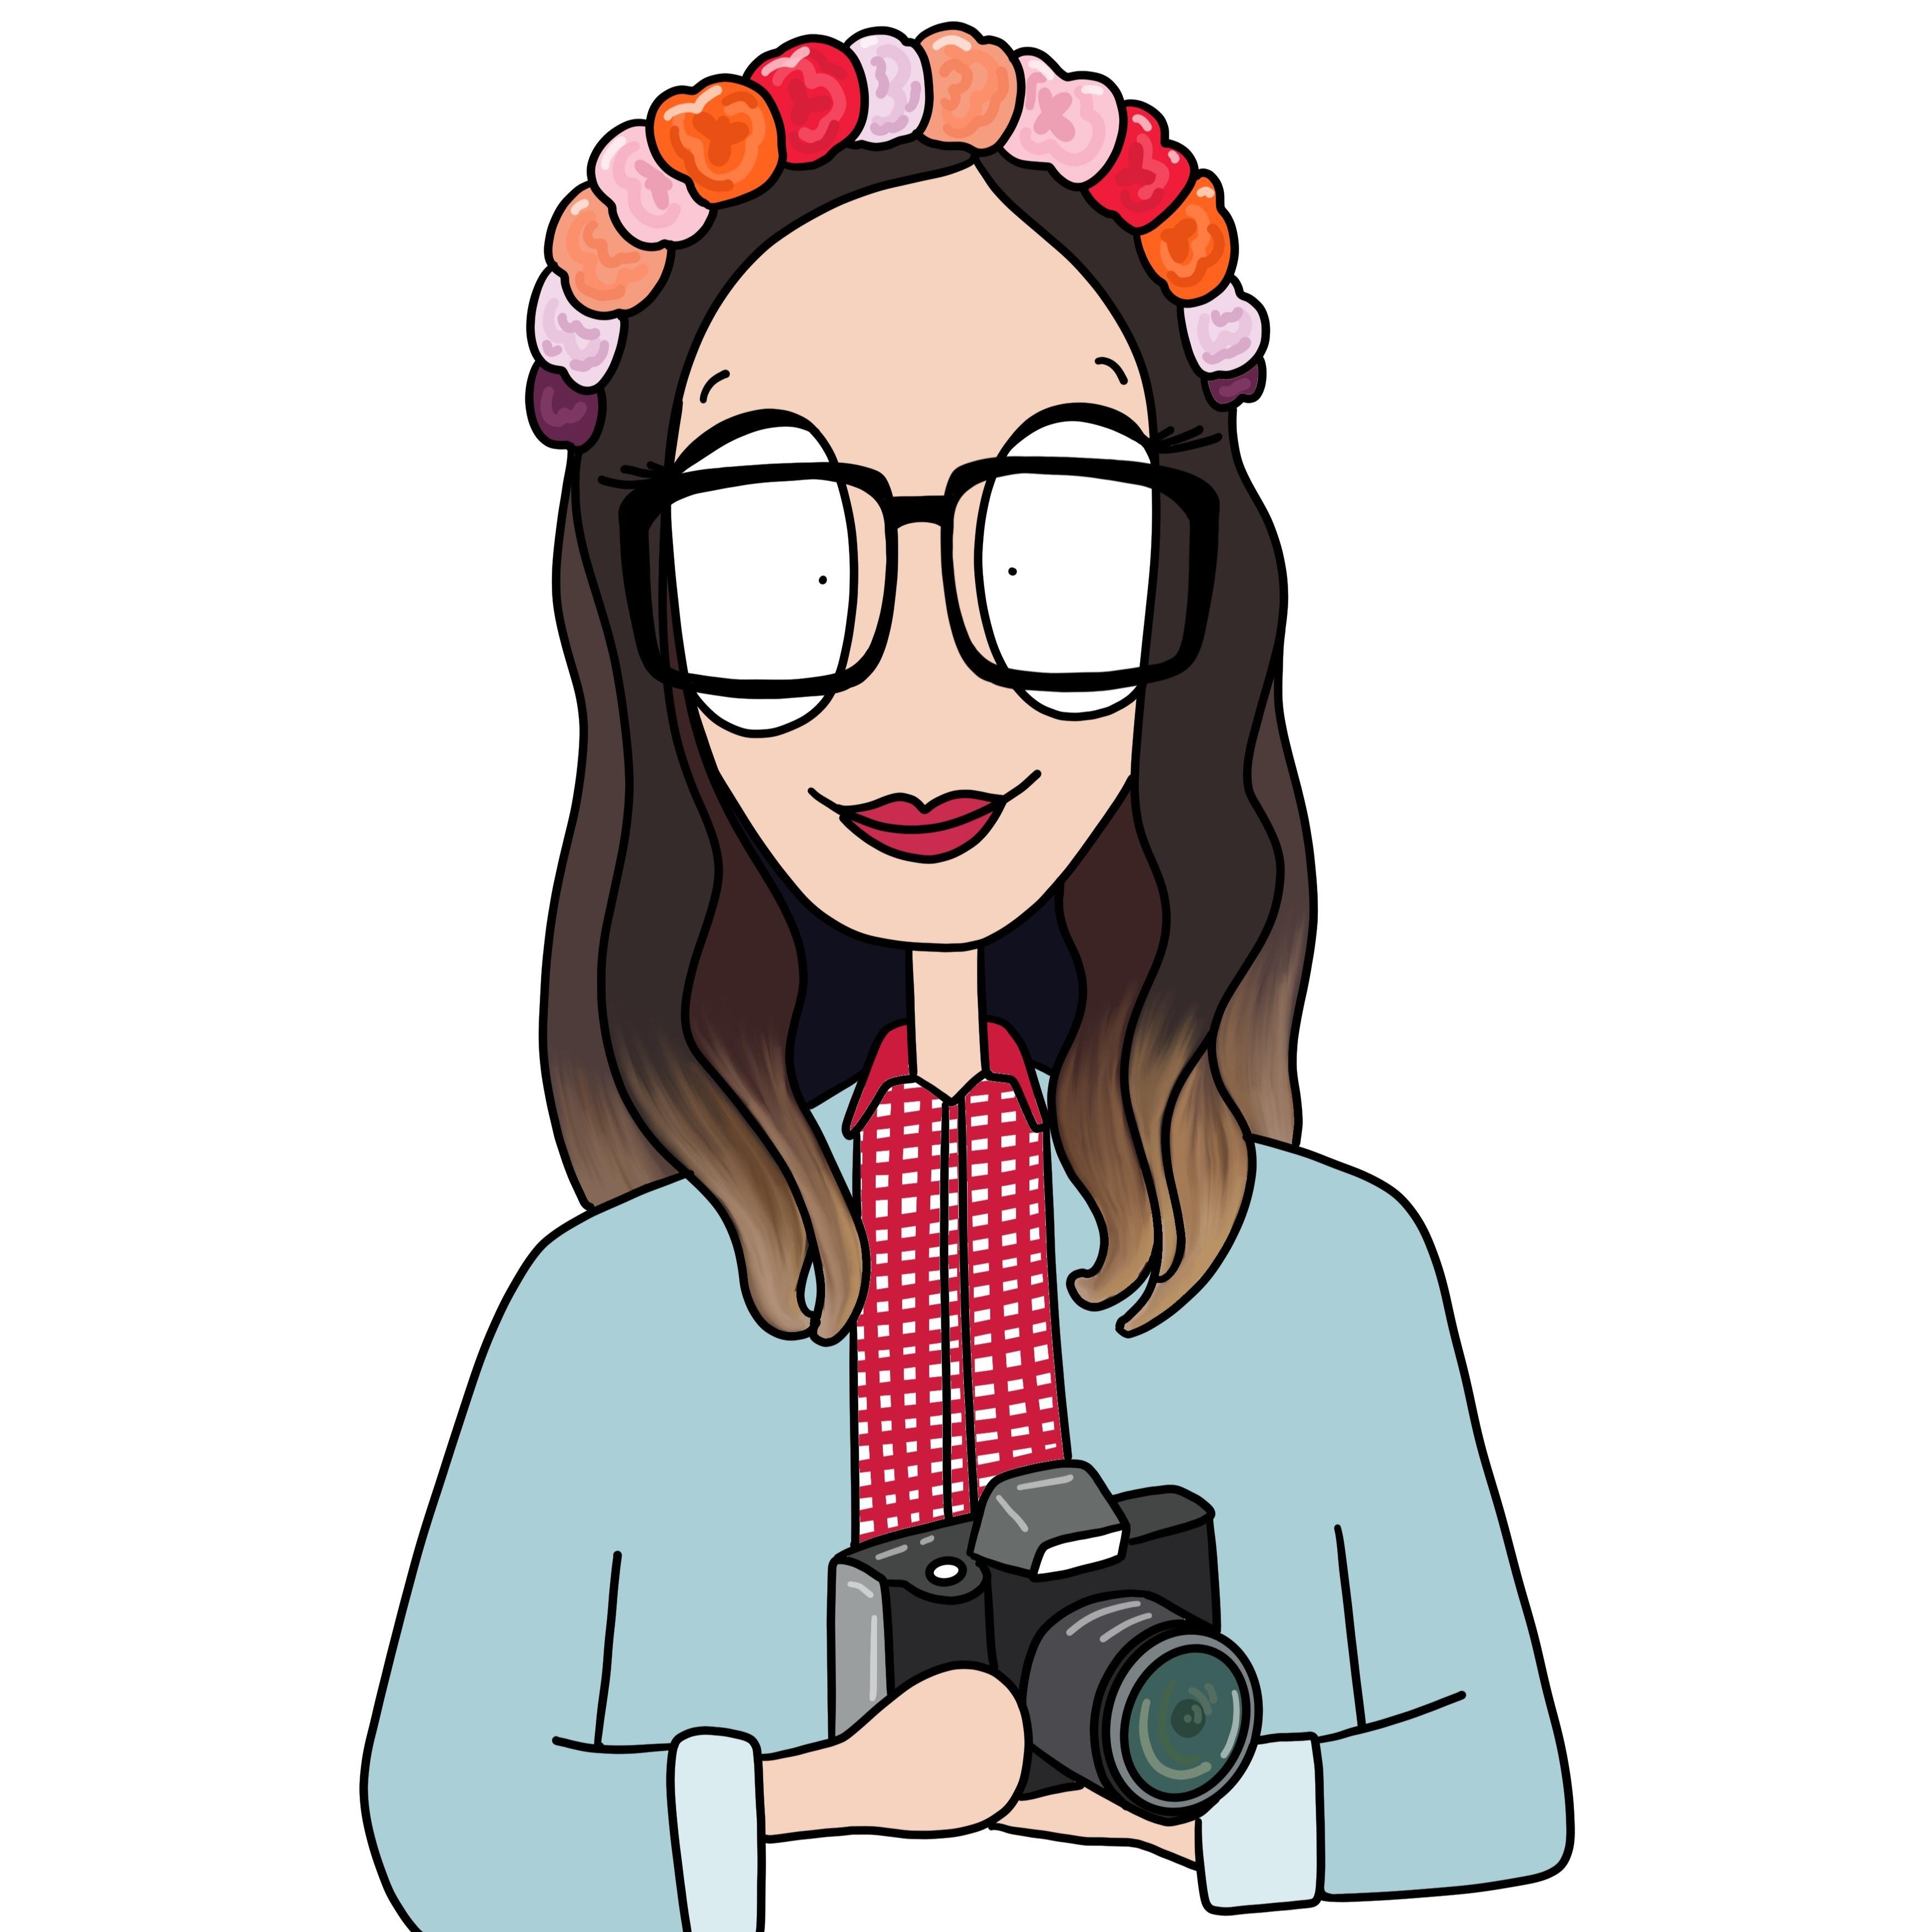 @chloeleephoto Profile Image | Linktree